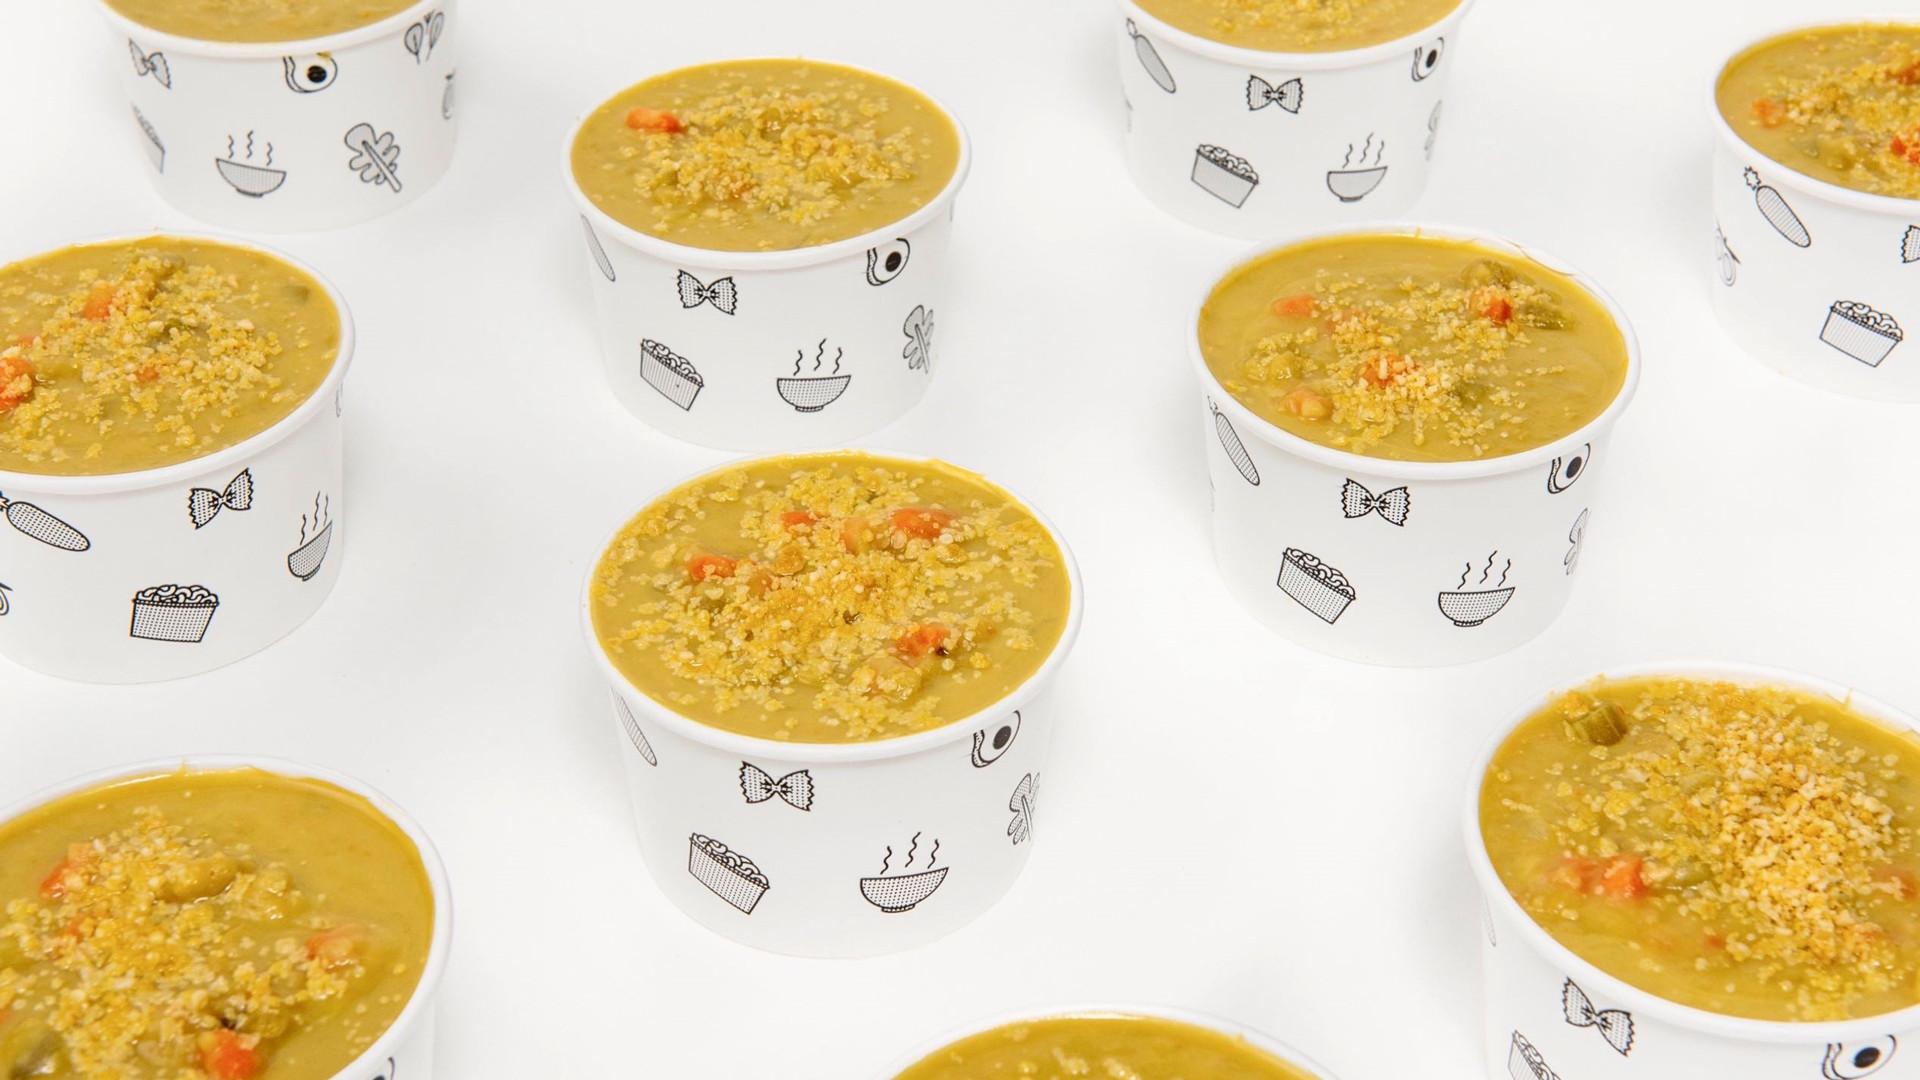 Chloe pea soup